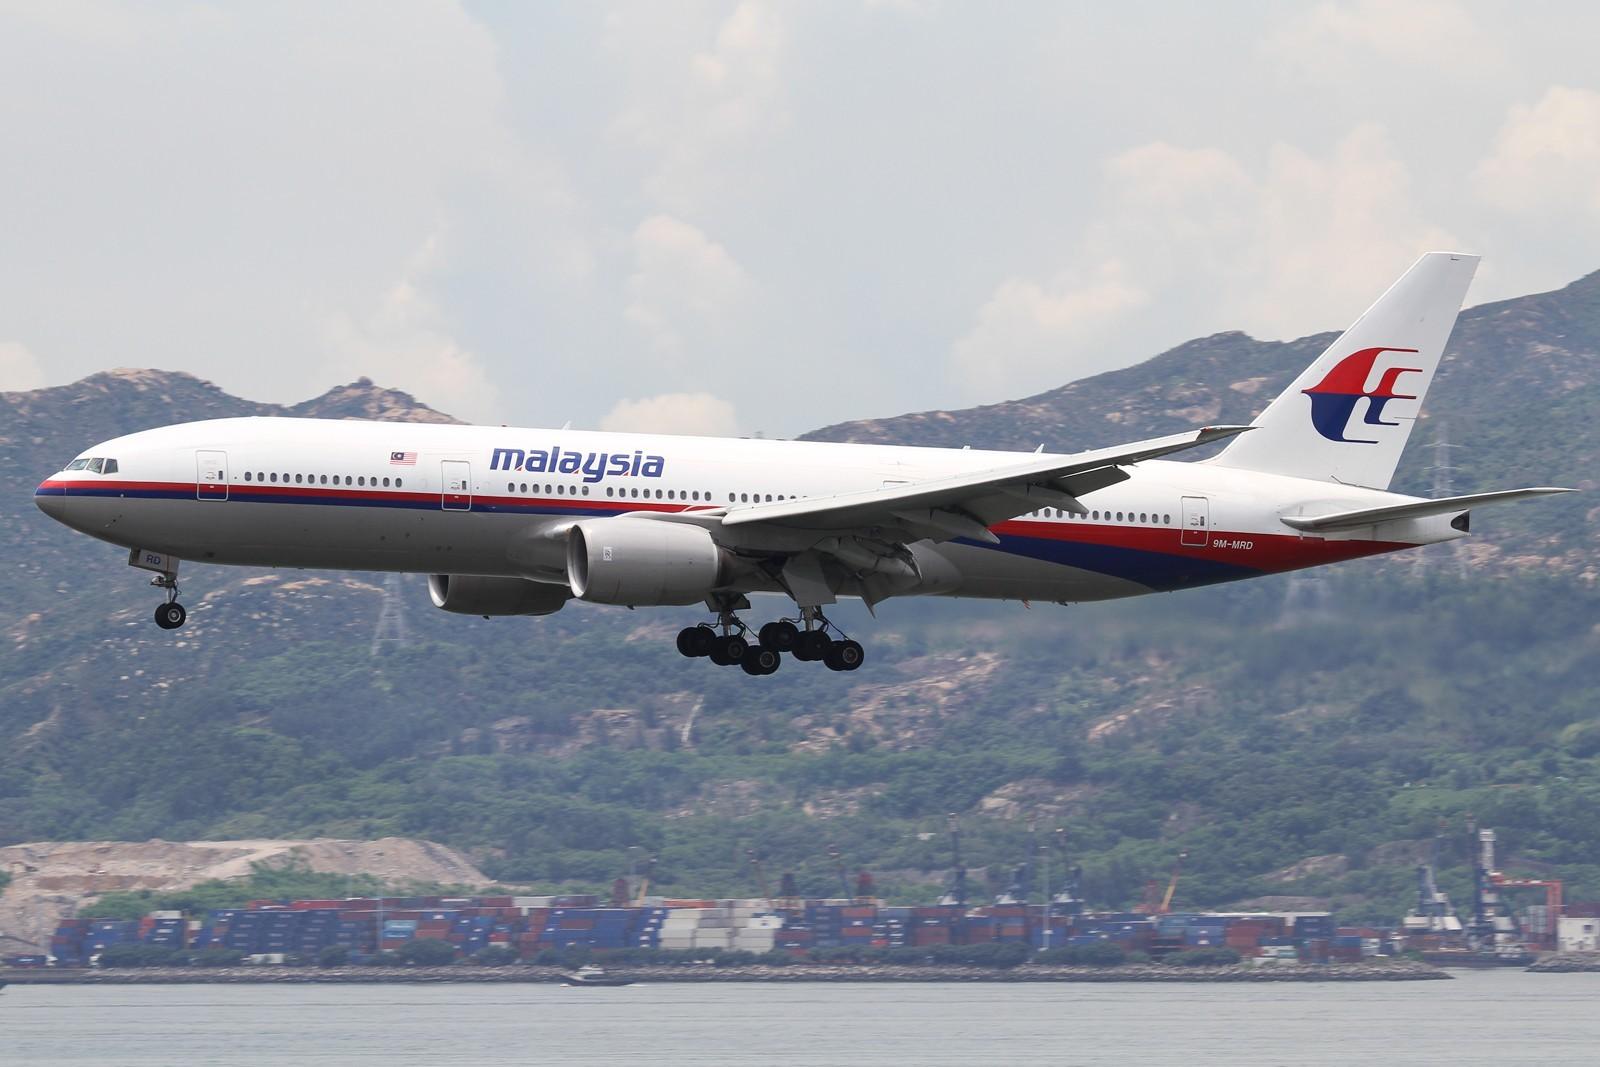 执行2014年7月17日马航mh17航班9阿姆斯特丹-吉隆坡)的飞机注册号为:9